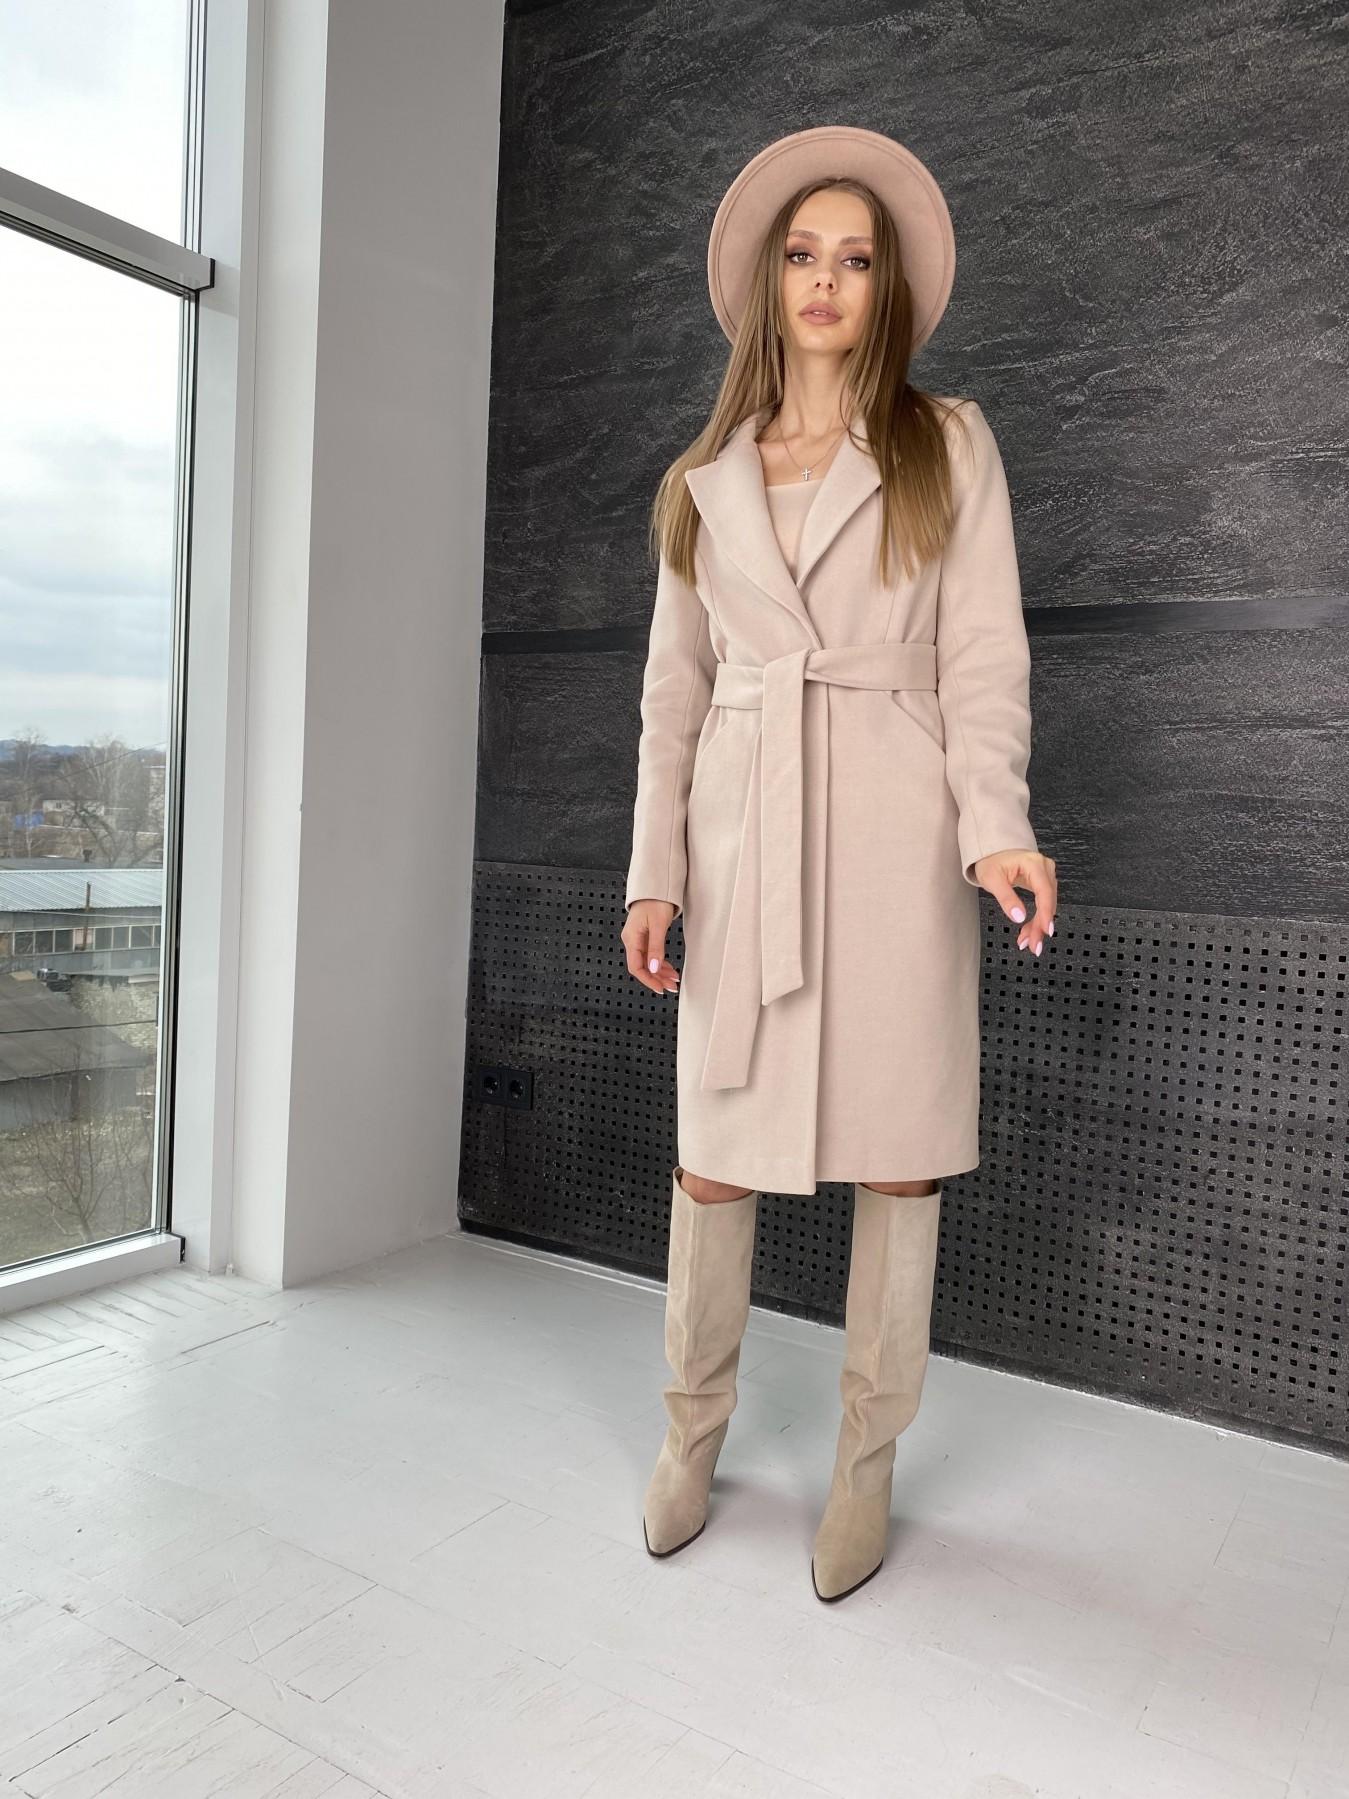 Мехико пальто из гладкого кашемира 10891 АРТ. 47359 Цвет: Кофе - фото 7, интернет магазин tm-modus.ru